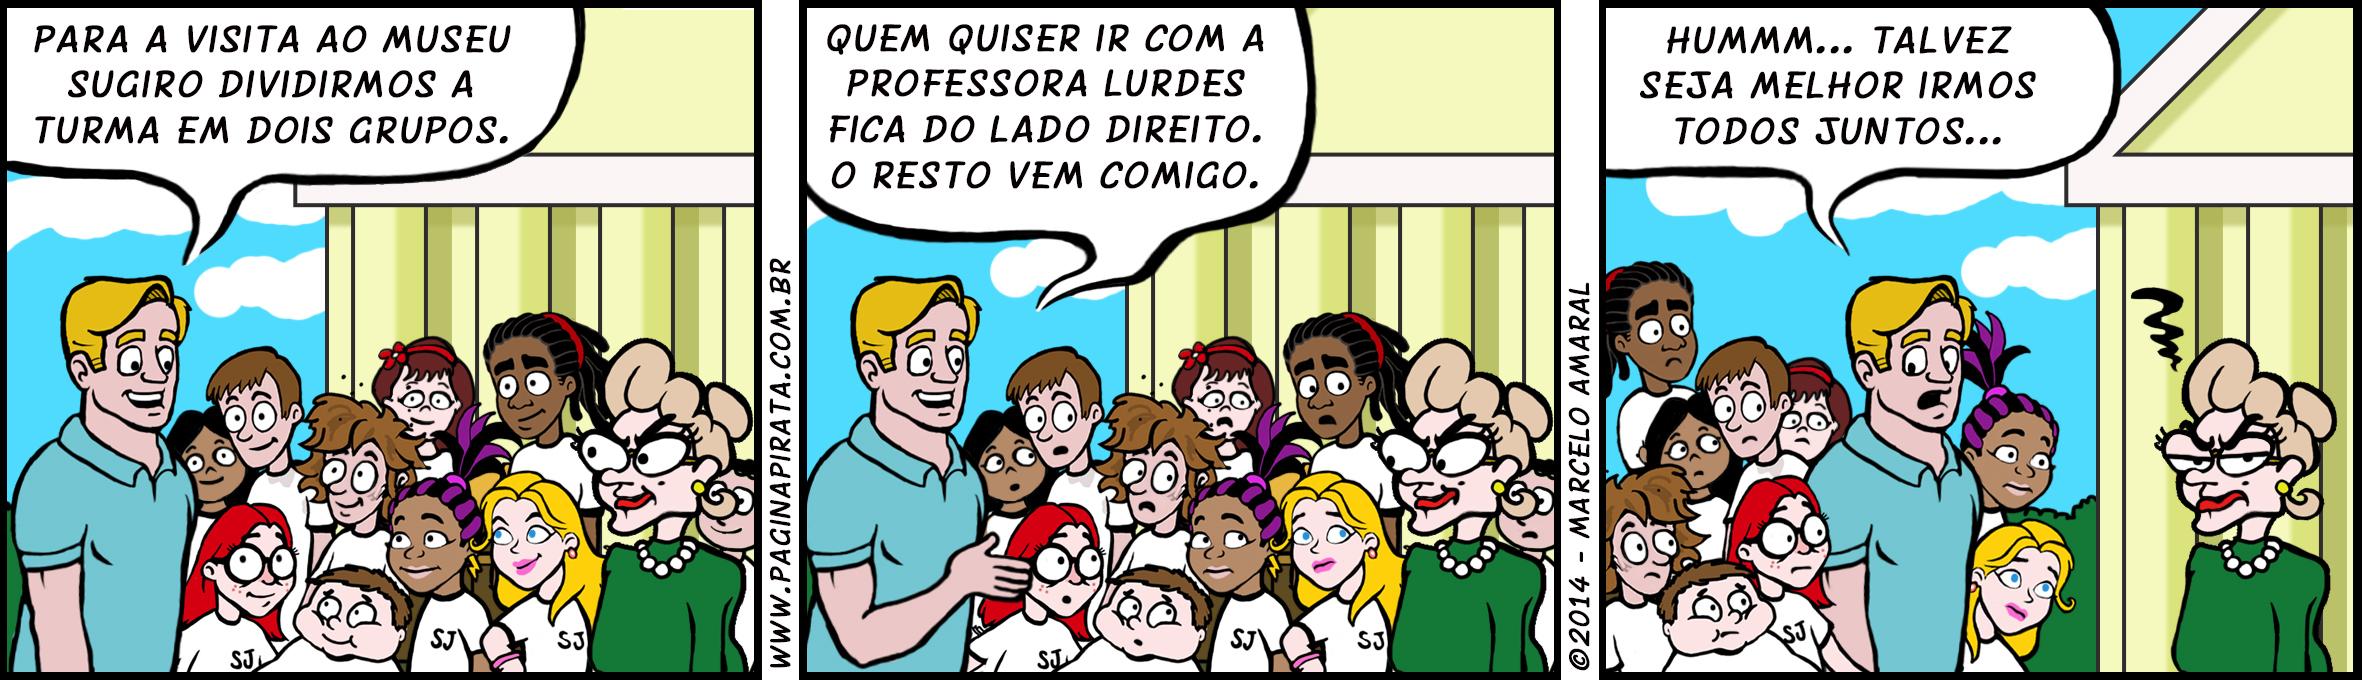 #54 Professora Lurdes: fenômeno de popularidade. Só que não.